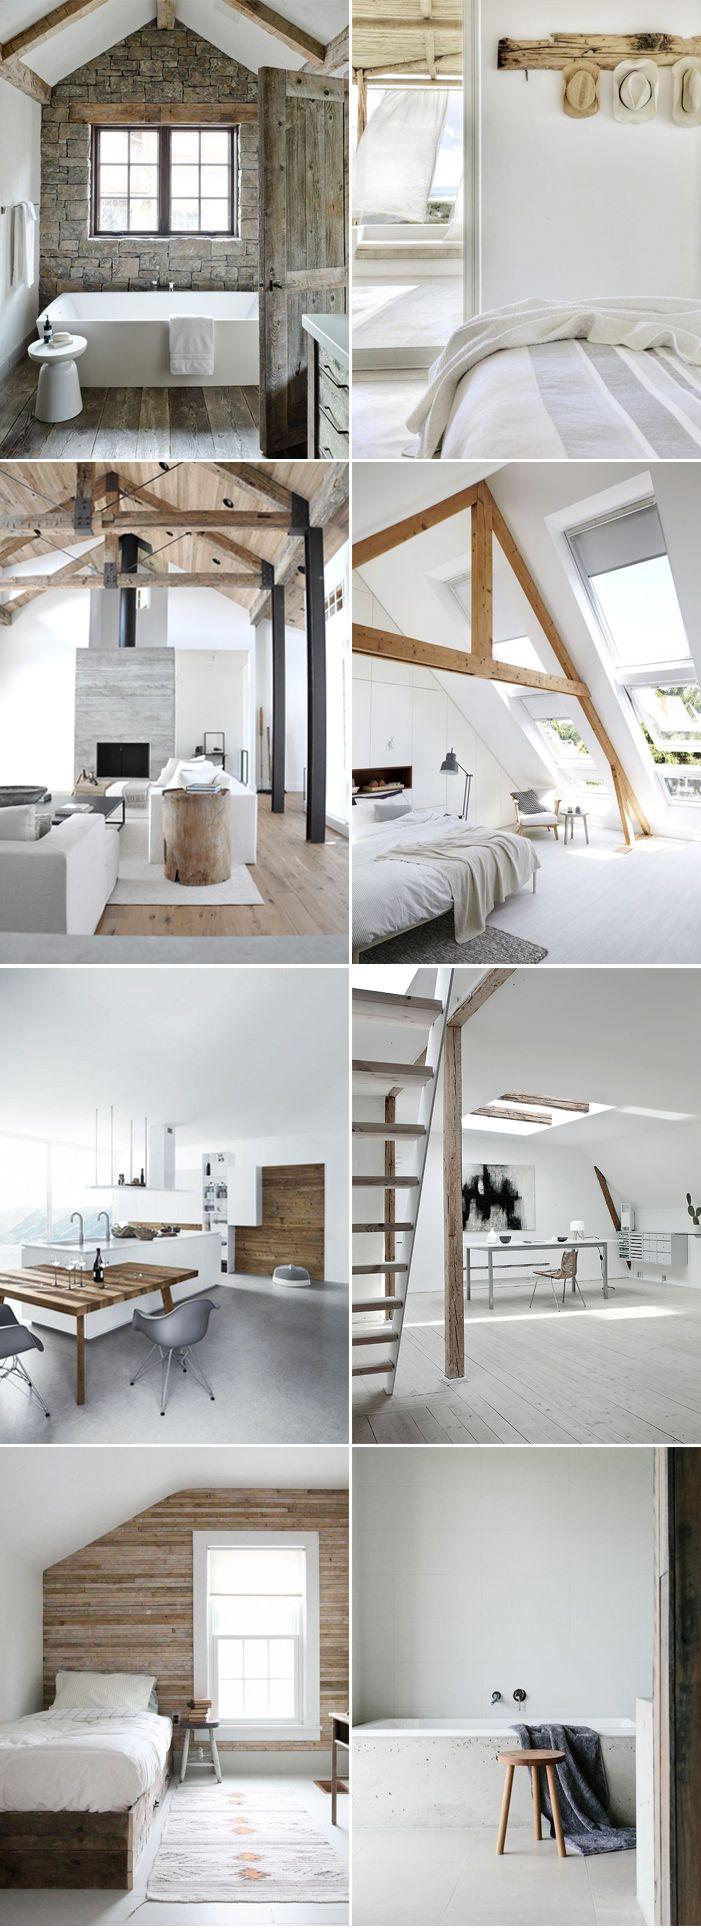 """La tendencia de espacios claros, modernos y casi minimalistas con mezclas  de elementos rústicos da personalidad y carácter a cualquier espacio. Pisos  y paredes de madera, ladrillo, vigas expuestas, accesorios """"sin acabado""""  ymobiliario revestirán tu hogar. ¡Inspírate!"""